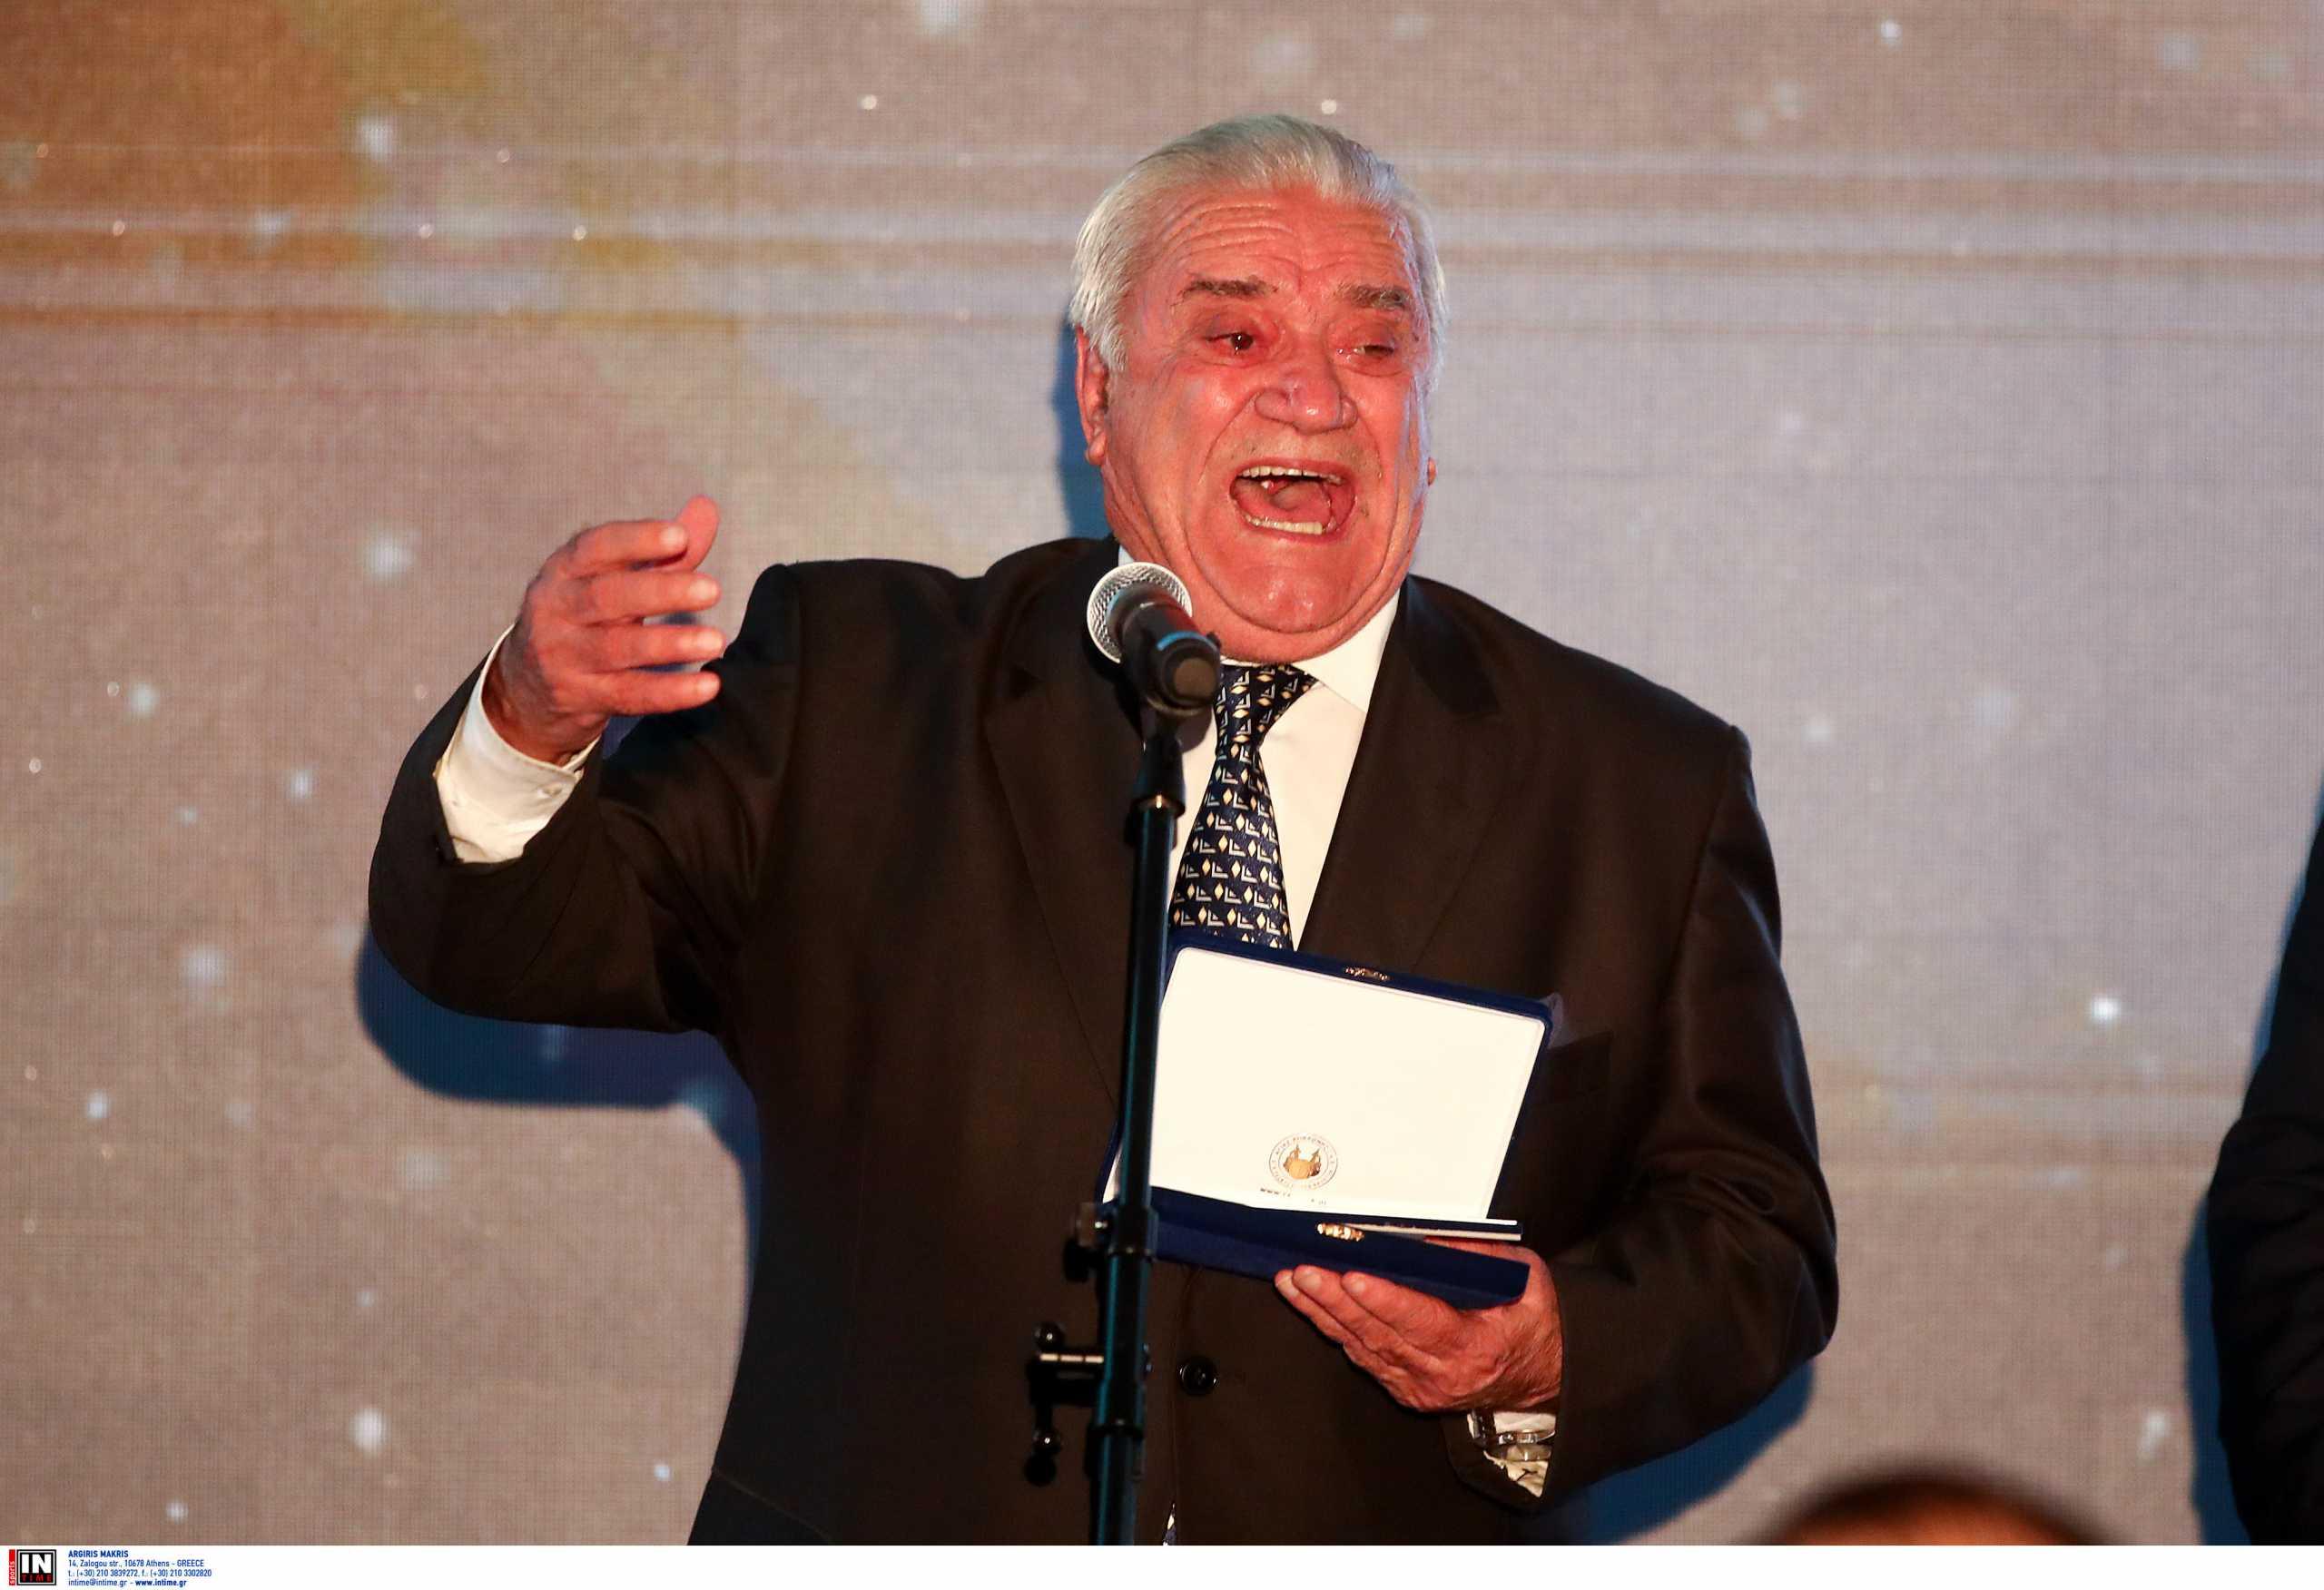 Γιάννης Ματζουράνης: Το αντίο του Ολυμπιακού στον «Εθνικάρα»